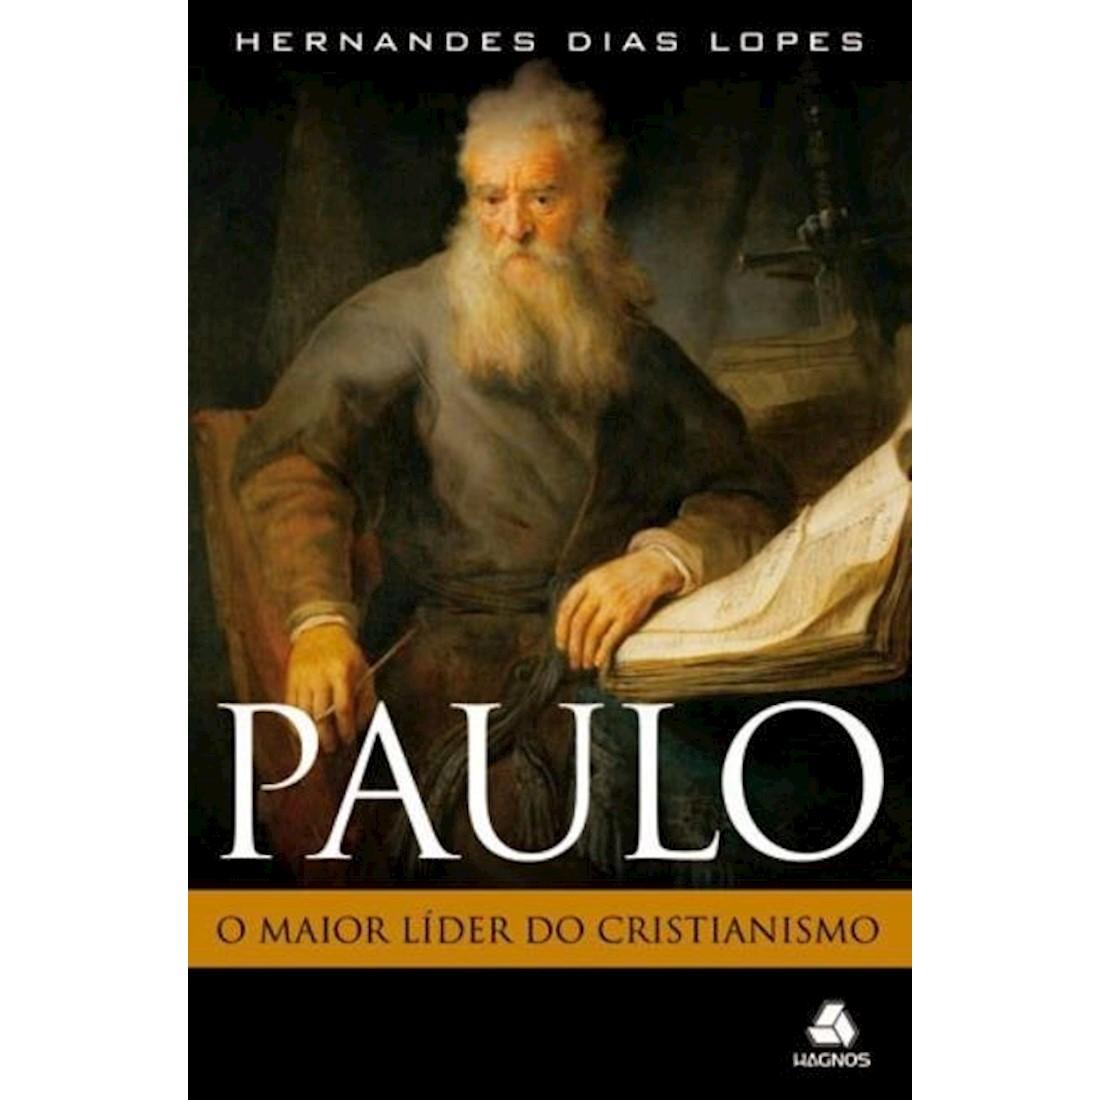 Livro Paulo, O Maior Líder do Cristianismo